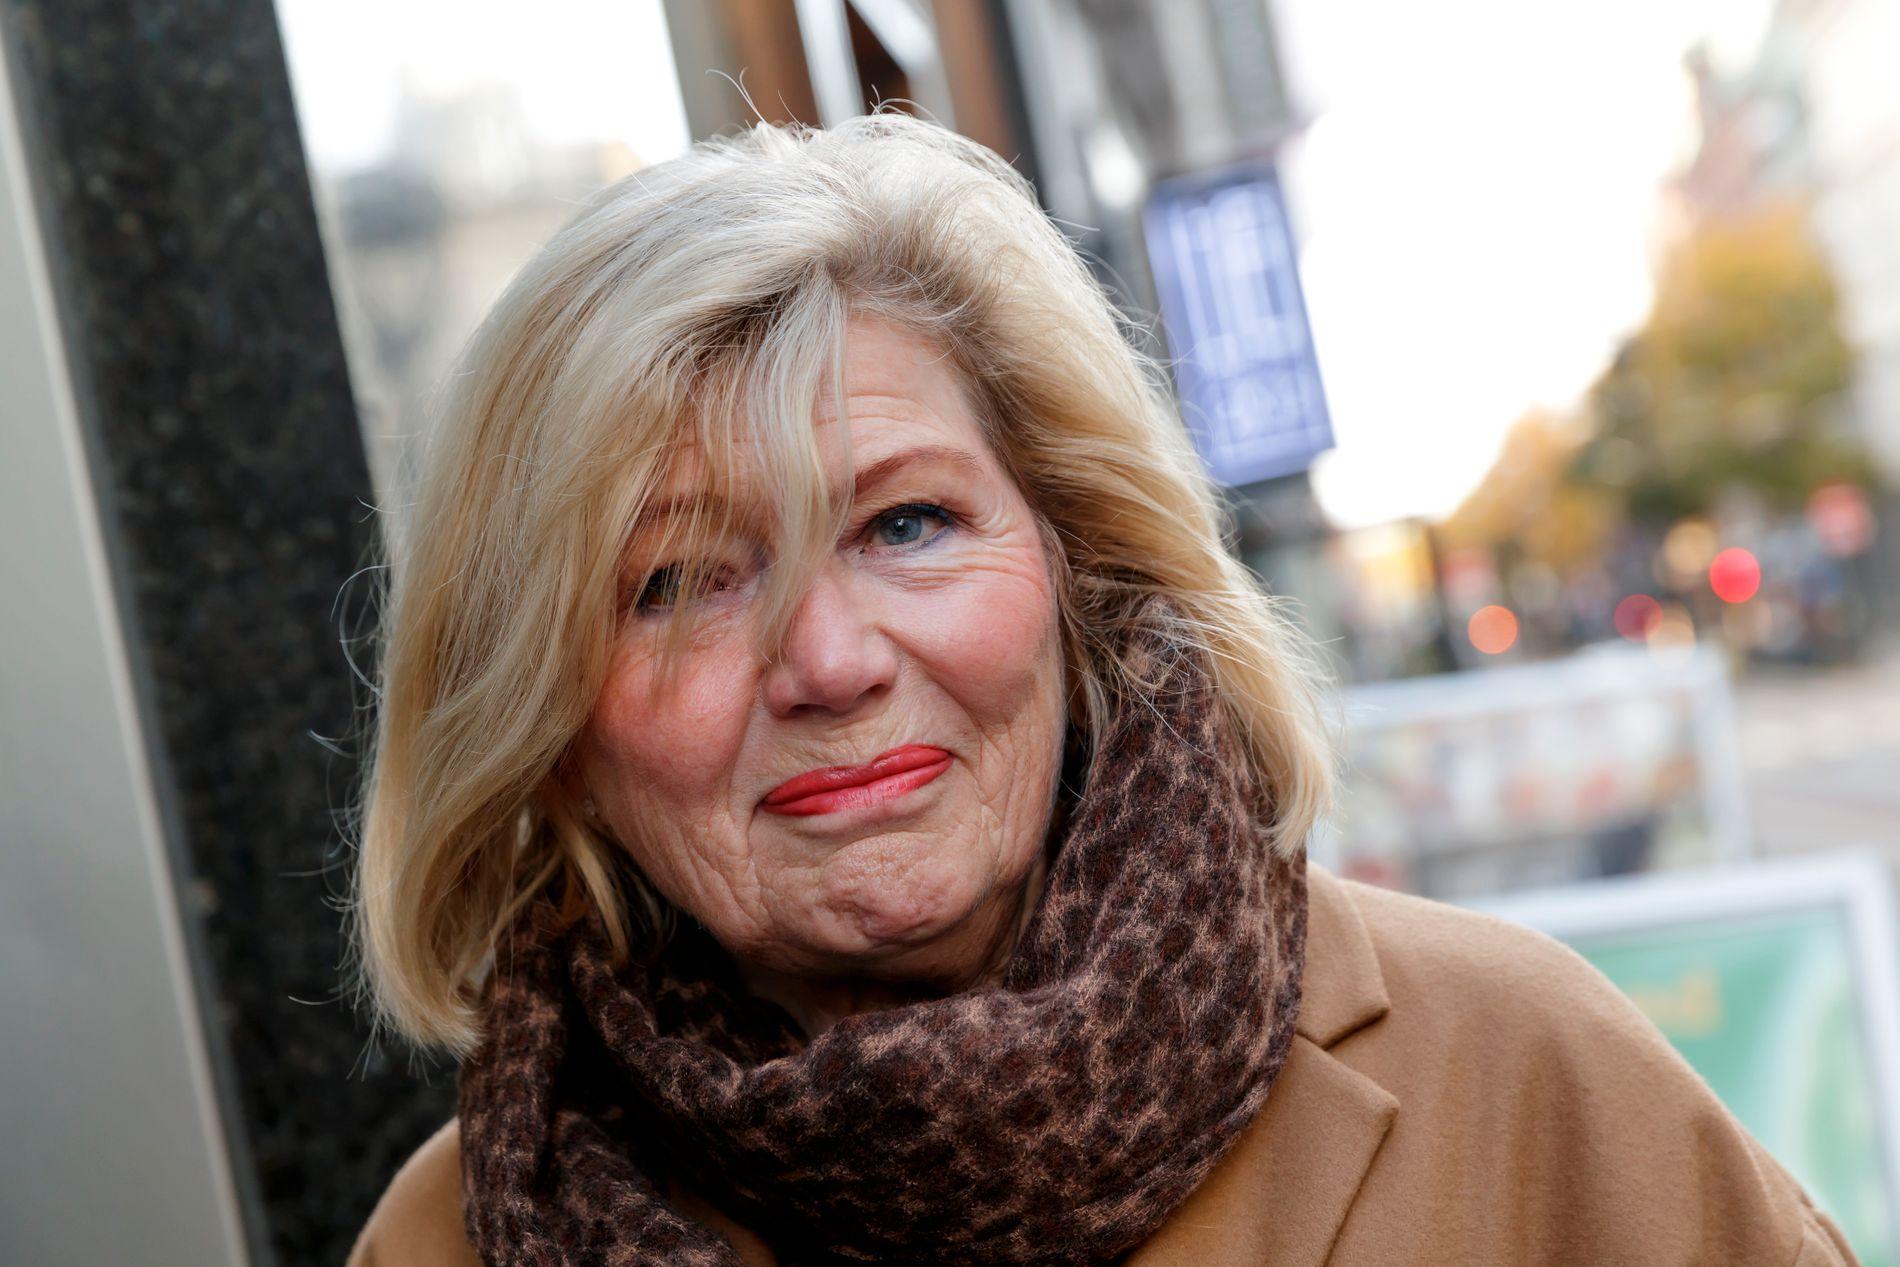 VIL HA OMKAMP: Ann Kathrine Skjørshammer vil at partiet også skal stemme over om de skal forbli der de er.